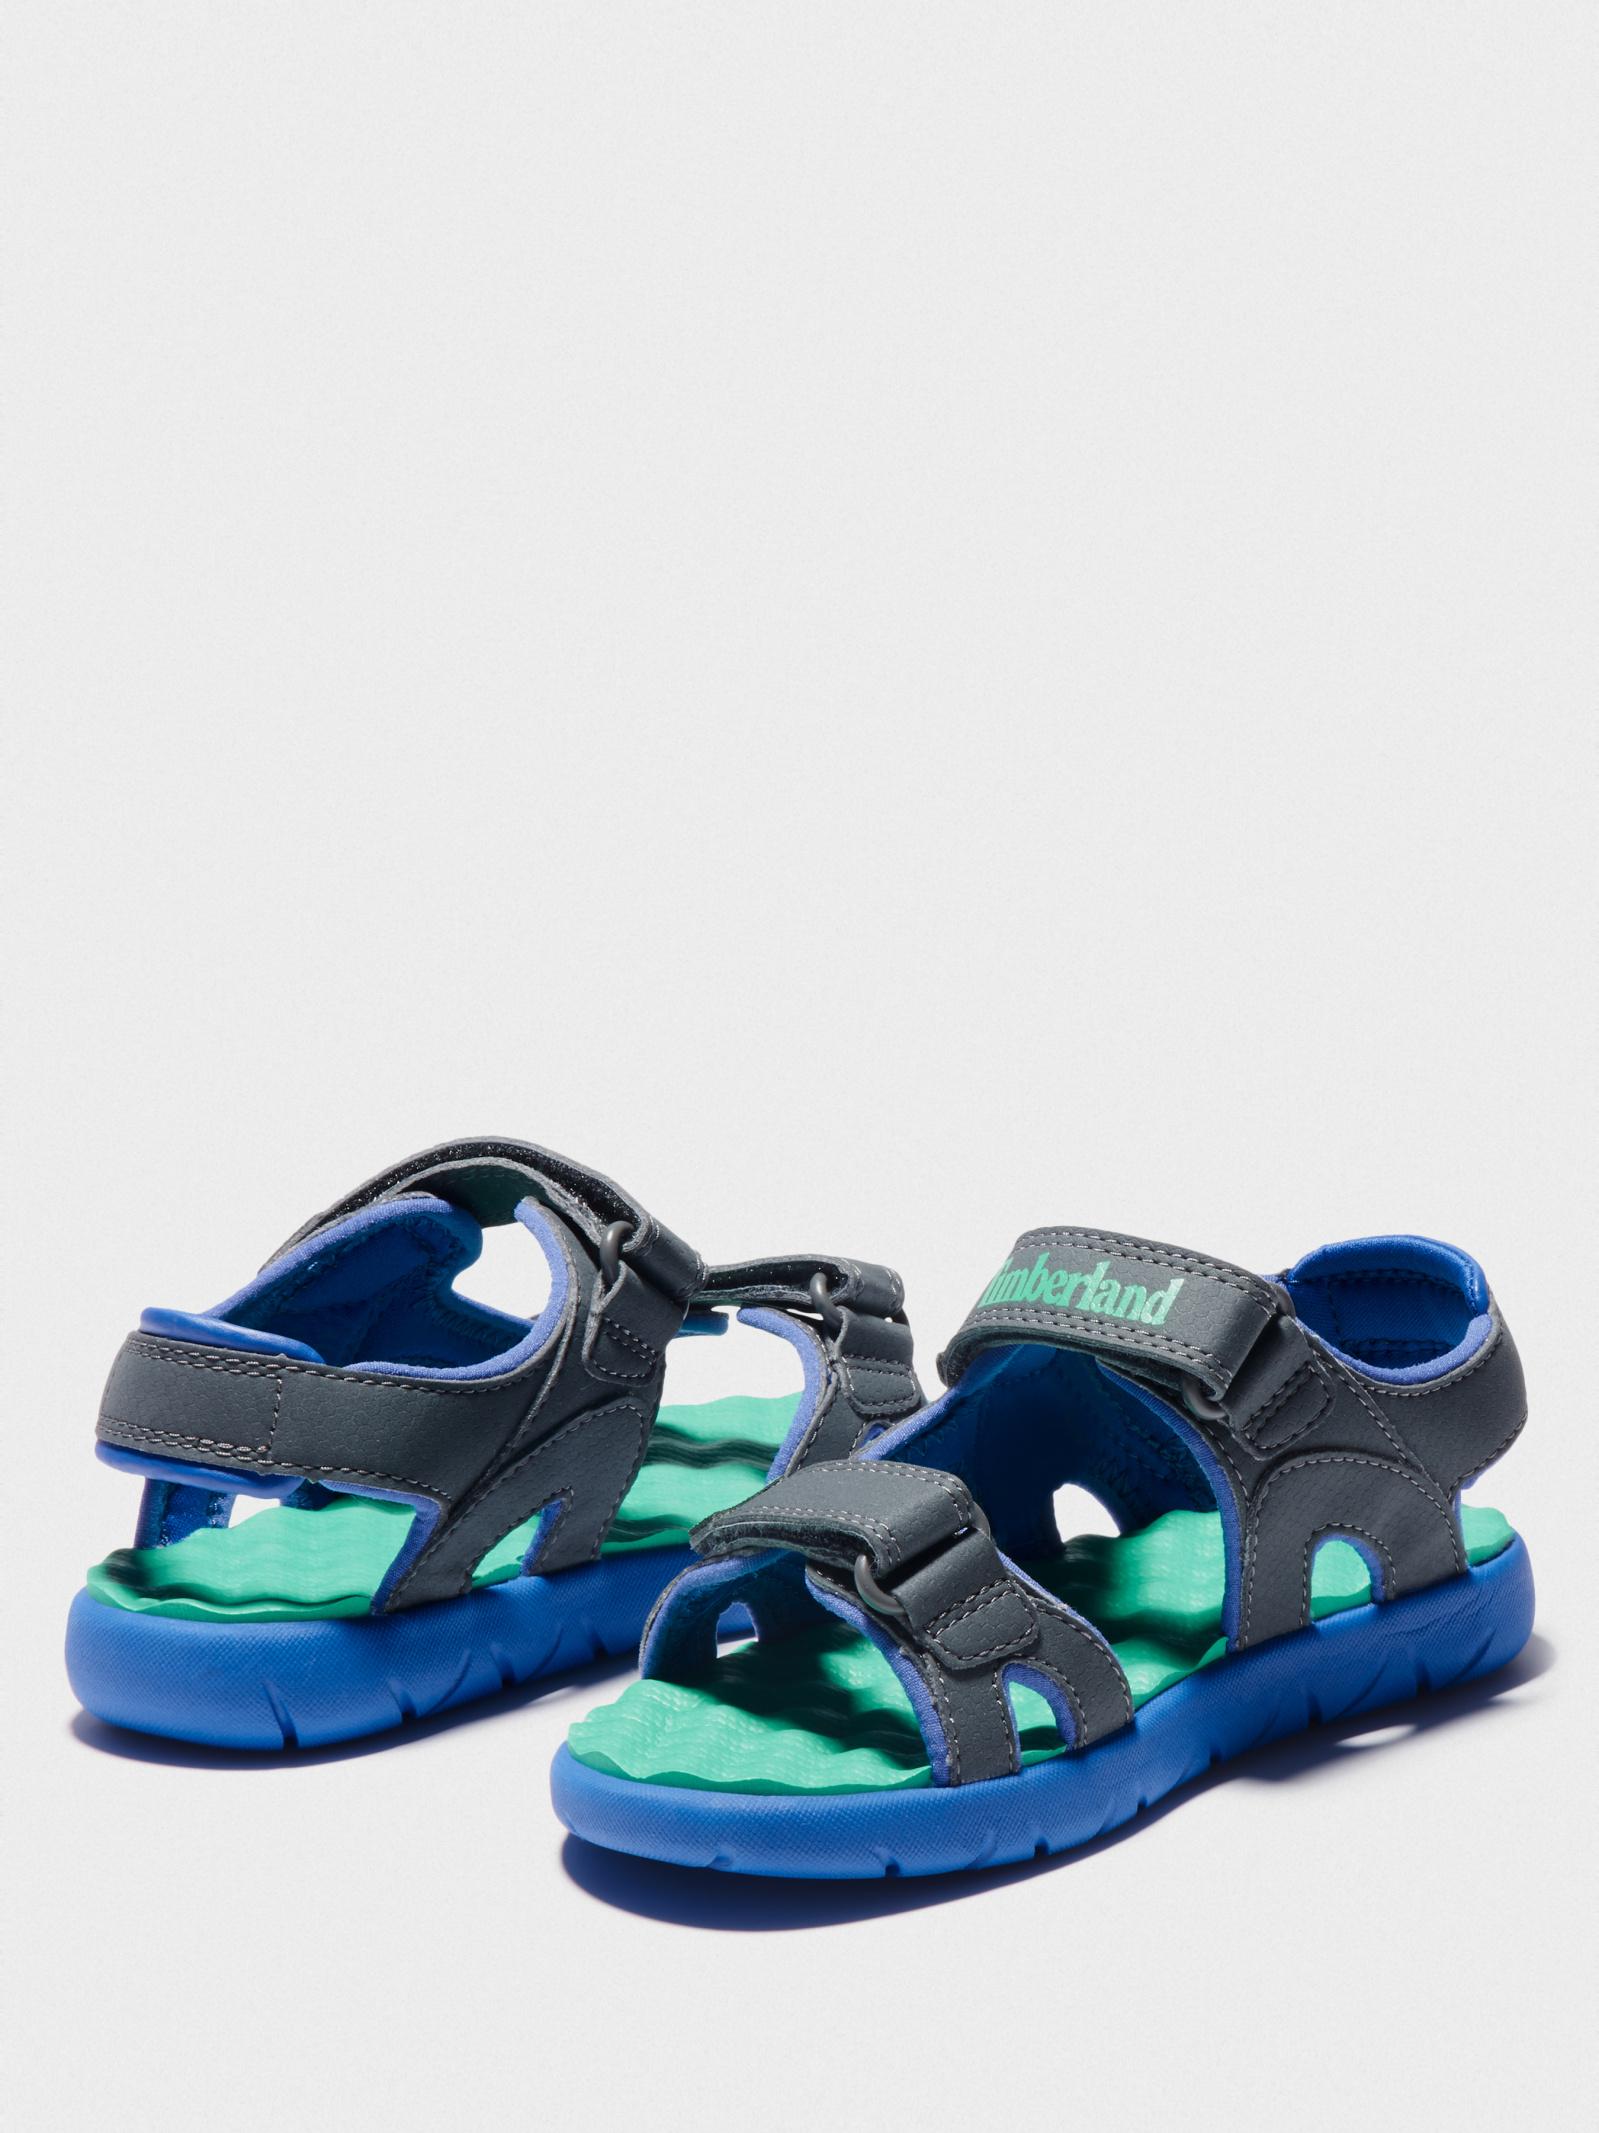 Сандалі  для дітей Timberland TB0A23V6028 розміри взуття, 2017